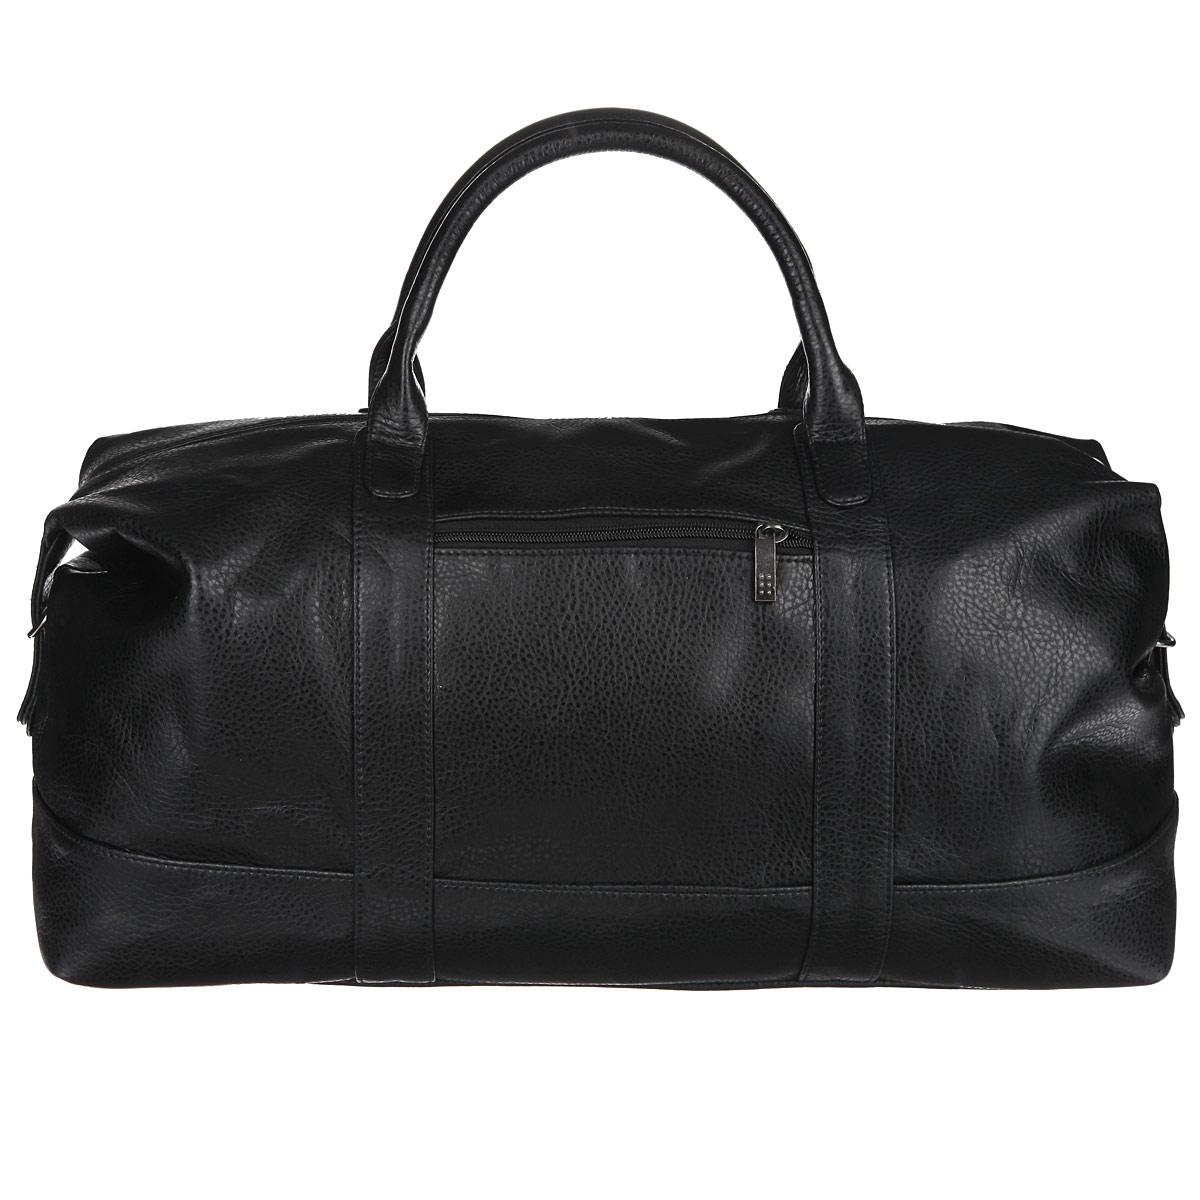 Сумка дорожная Antan, цвет: черный. 2-229 В72614619Вместительная дорожная сумка Antan выполнена из искусственной кожи с фактурной поверхностью.Ручки-жгуты прочно крепятся к корпусу сумки.Сумка имеет одно отделение, закрывающееся на застежку-молнию. Внутри - врезной карман на застежке-молнии. С внешней стороны на передней стенке сумки предусмотрен дополнительный карман на молнии. Сумка оснащена съемным плечевым ремнем регулируемой длины. Дно дополнено пластиковыми ножками, защищающими изделие от повреждений.Такая сумка будет незаменима при походе в спортзал или при дальней поездке.